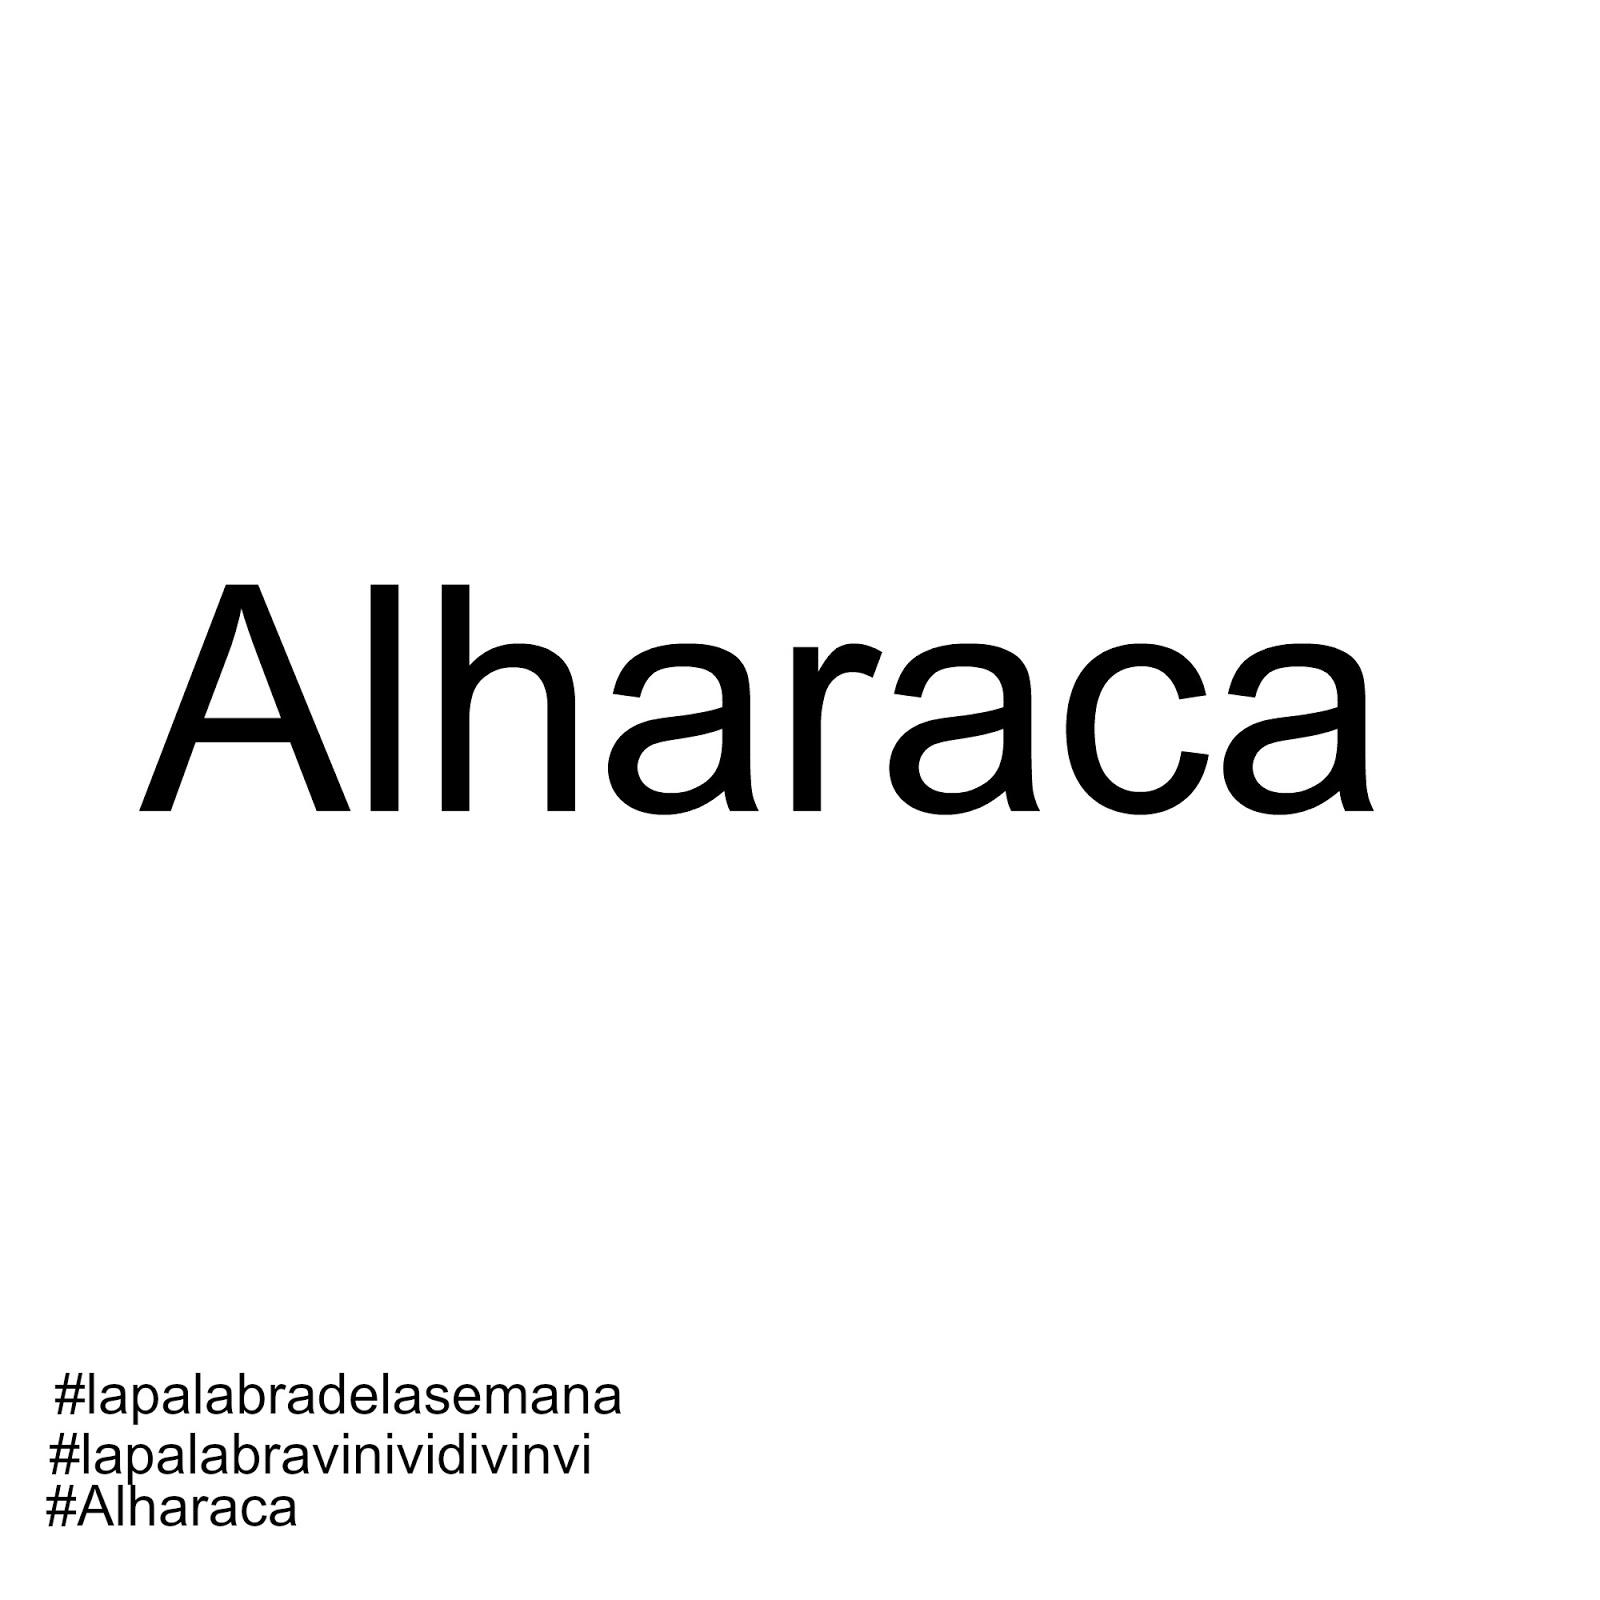 La palabra de la semana: #alharaca #lapalabradelasemana #lapalabravinividivinvi